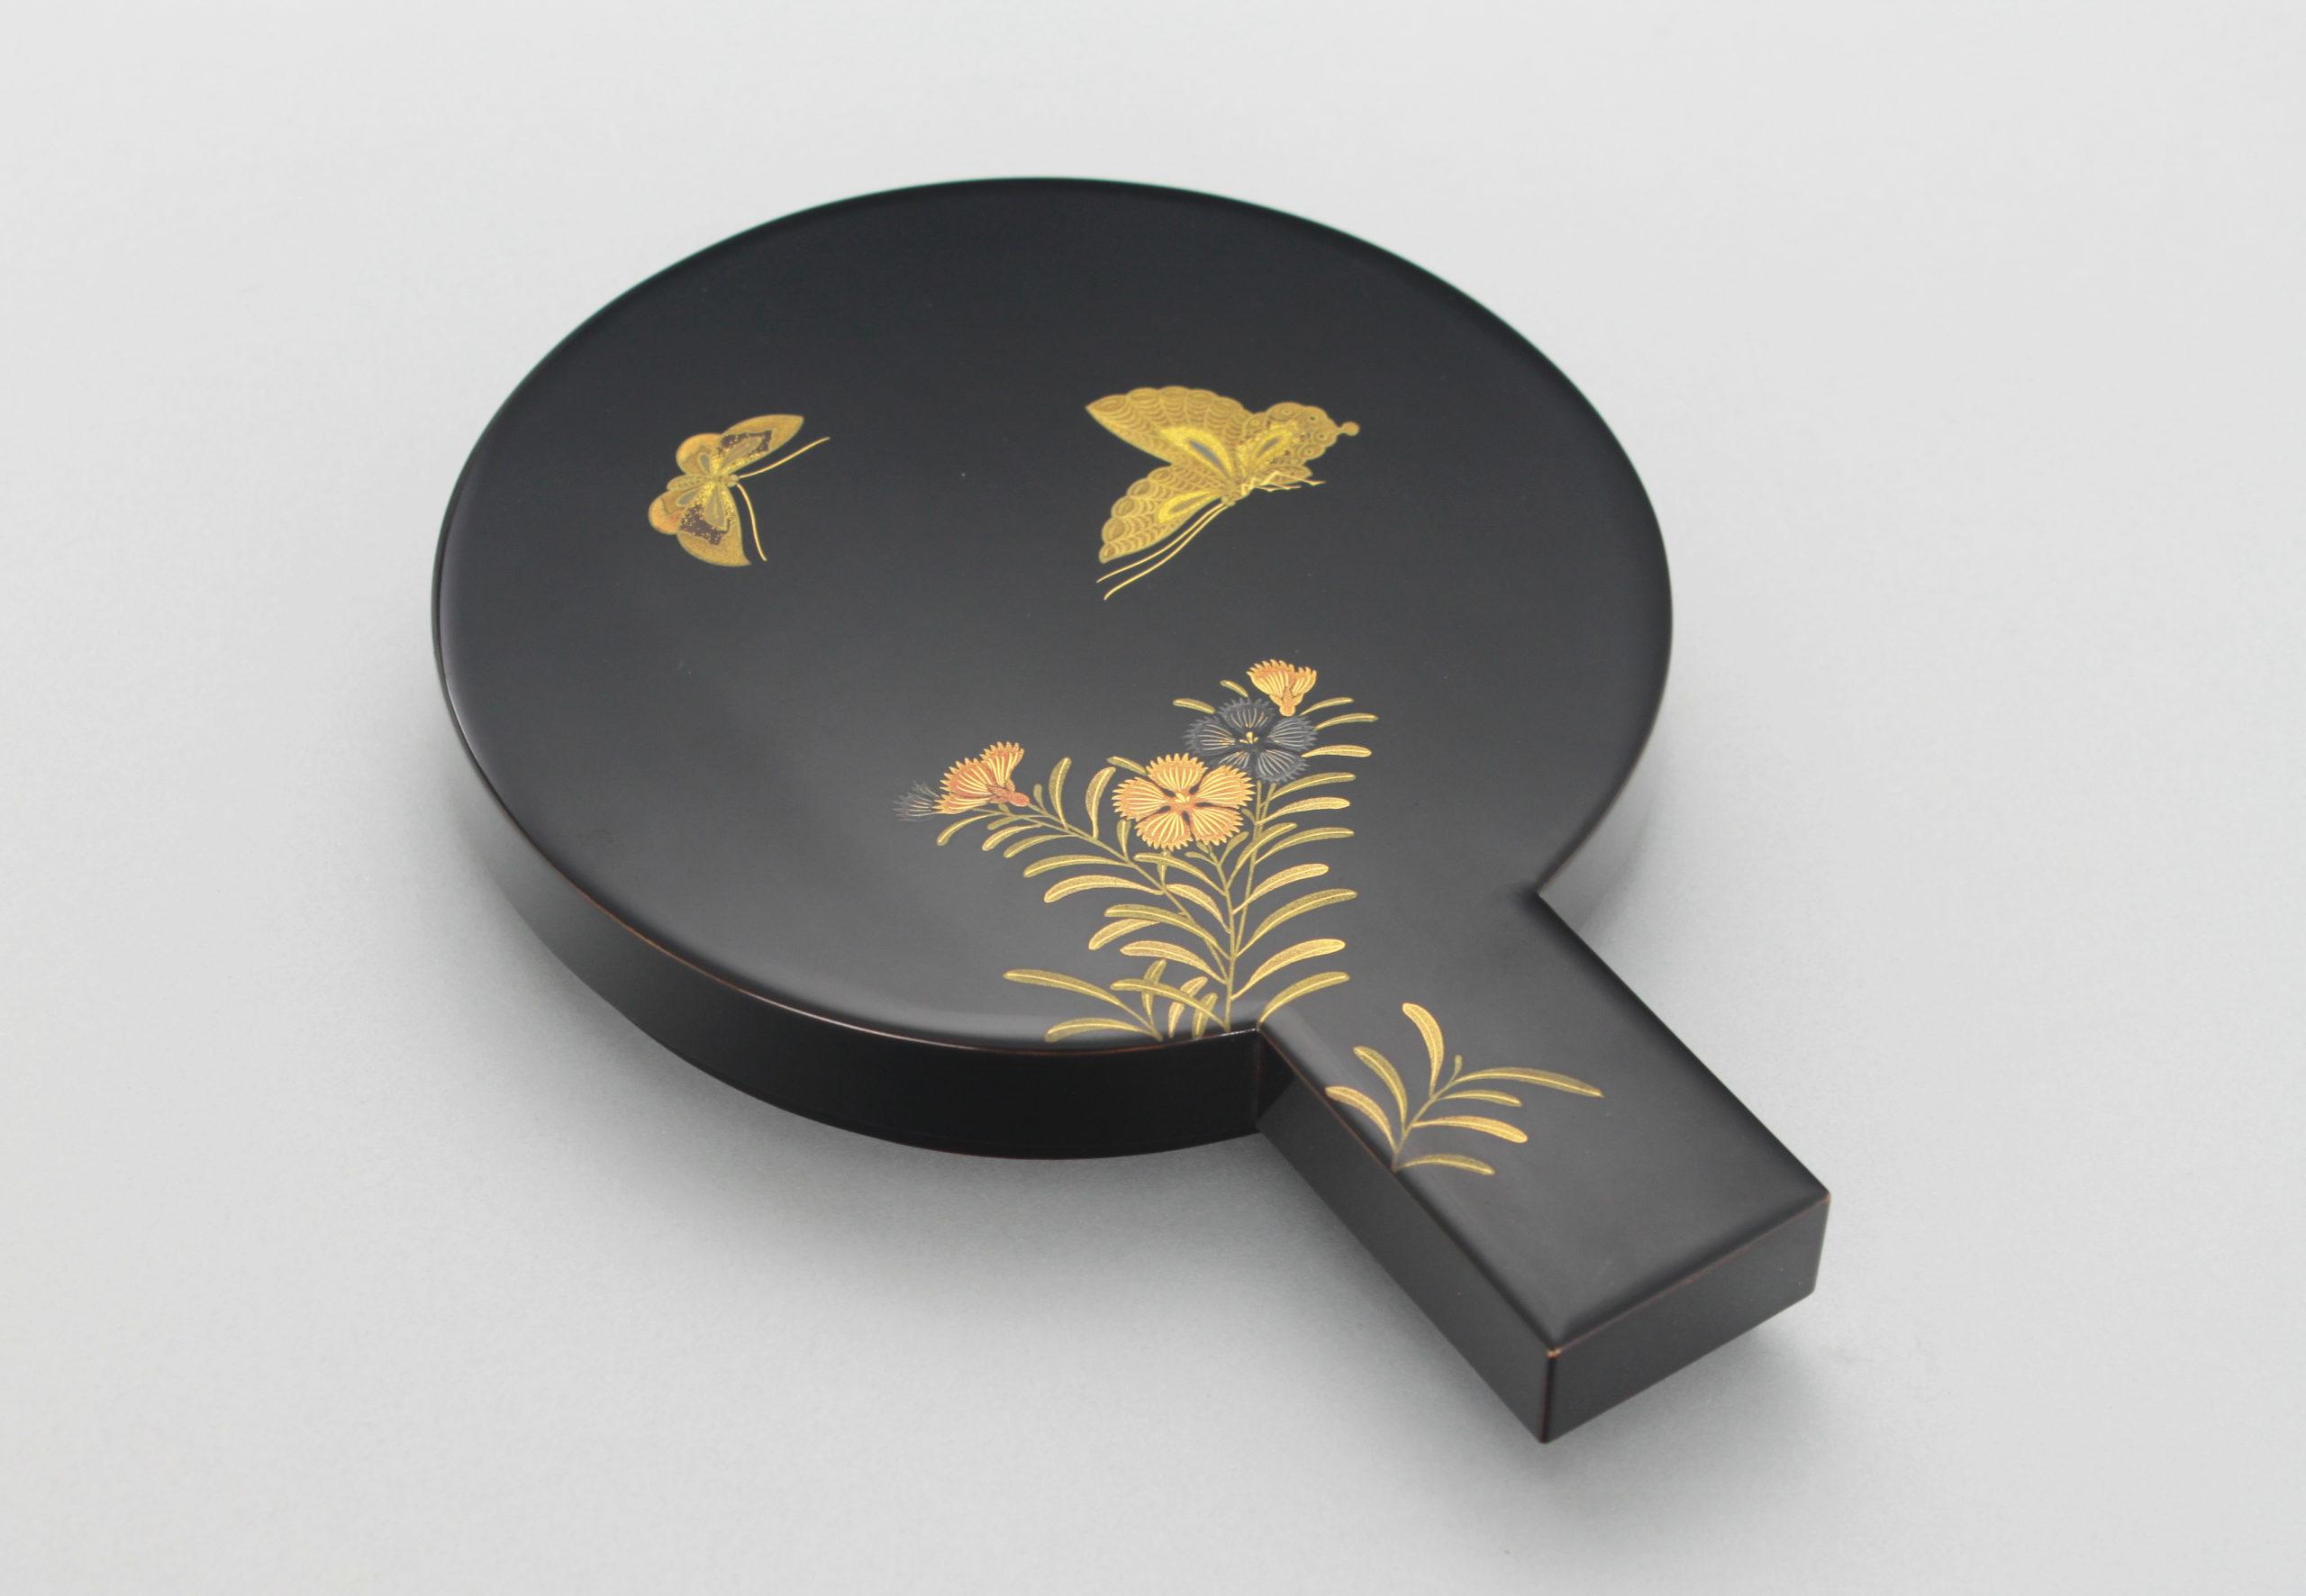 蝶鏡形硯箱画像1